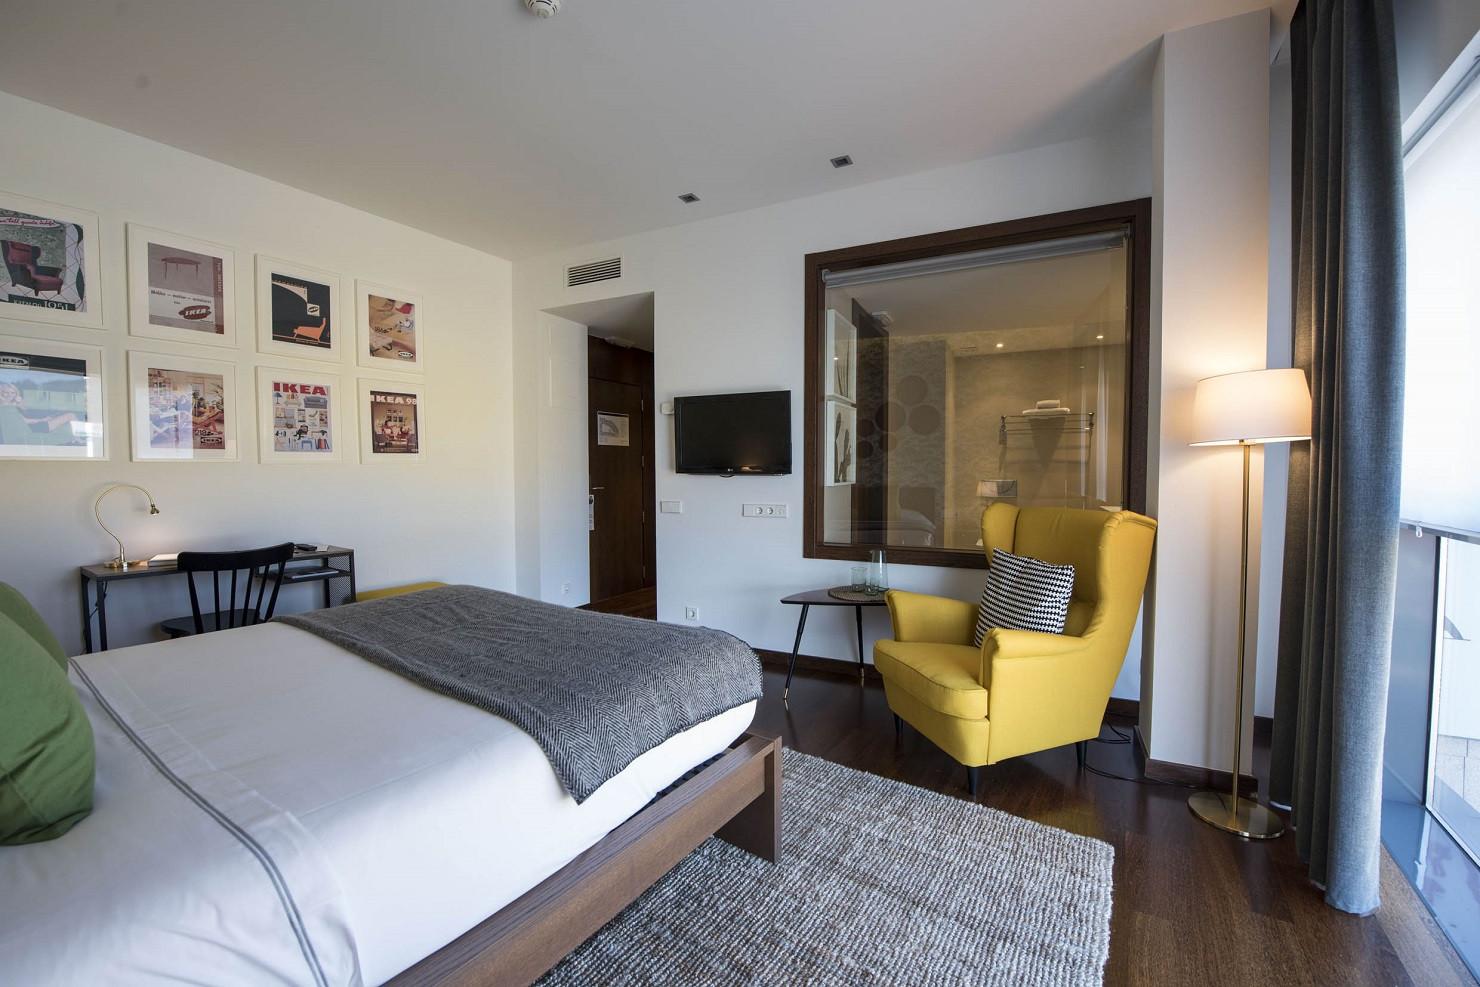 Hotel Carrís Marineda A Coruña Estrena Una Renovada Ikea Room